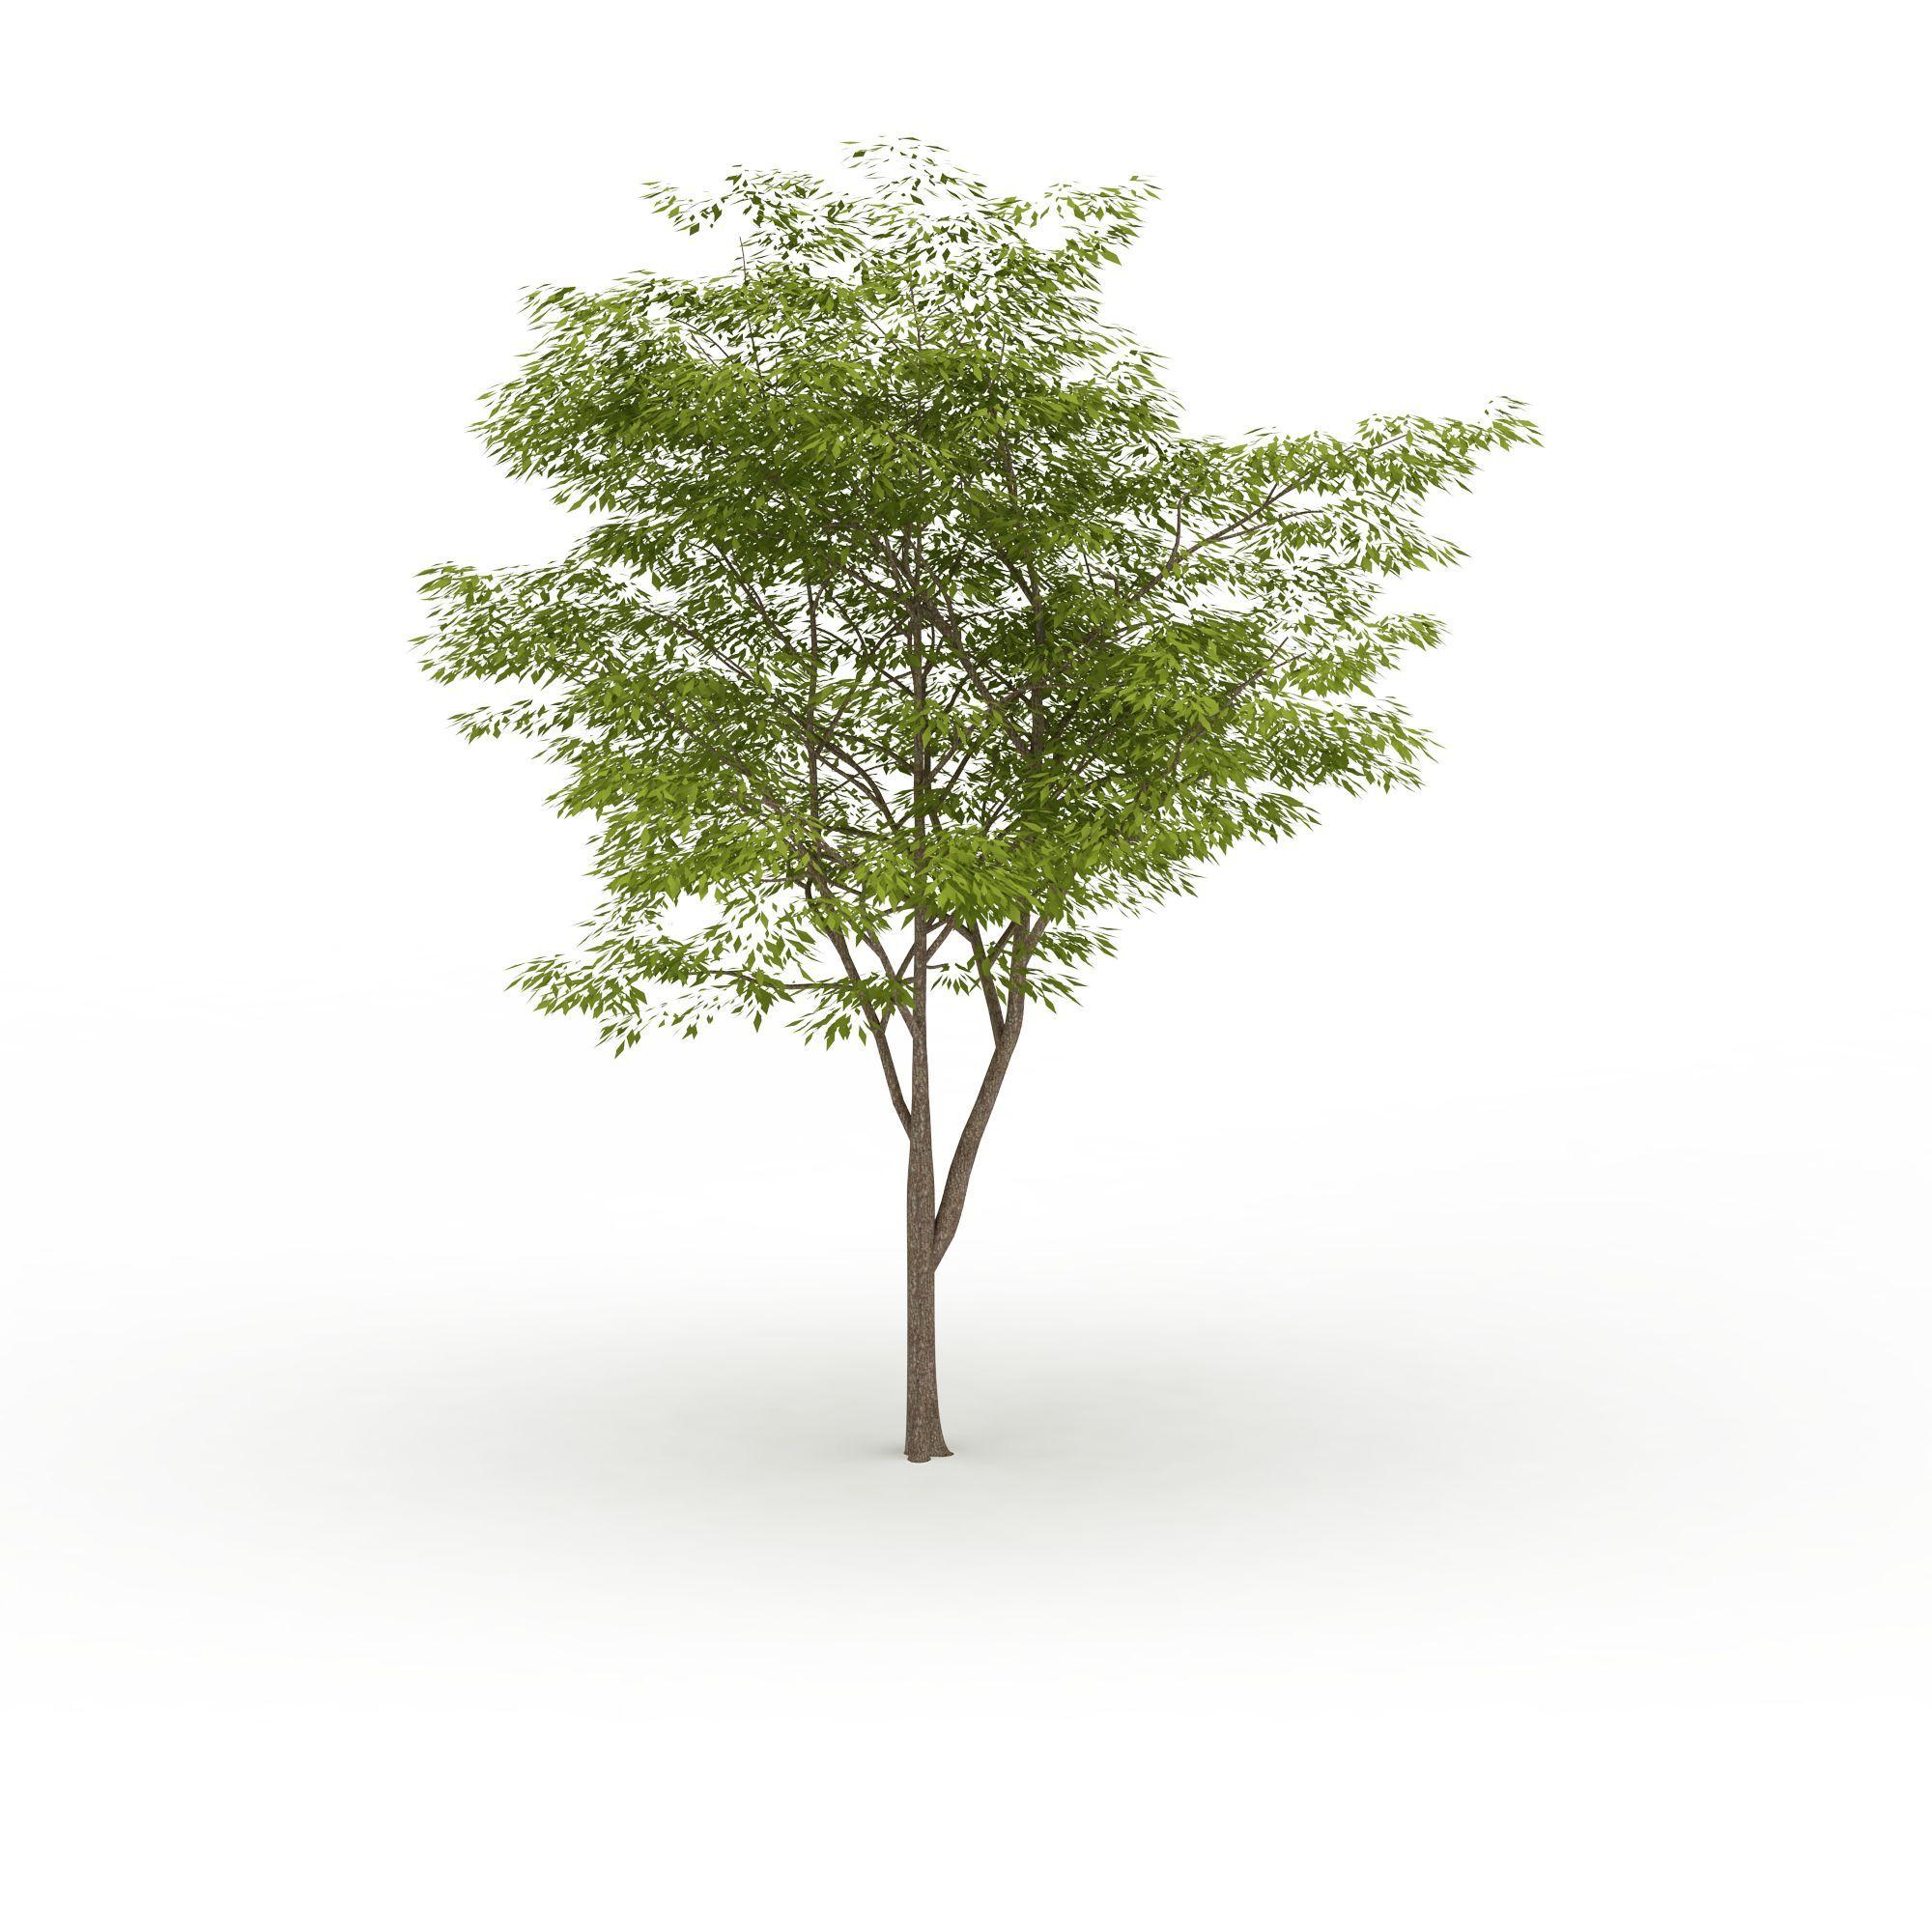 行道树高清图下载